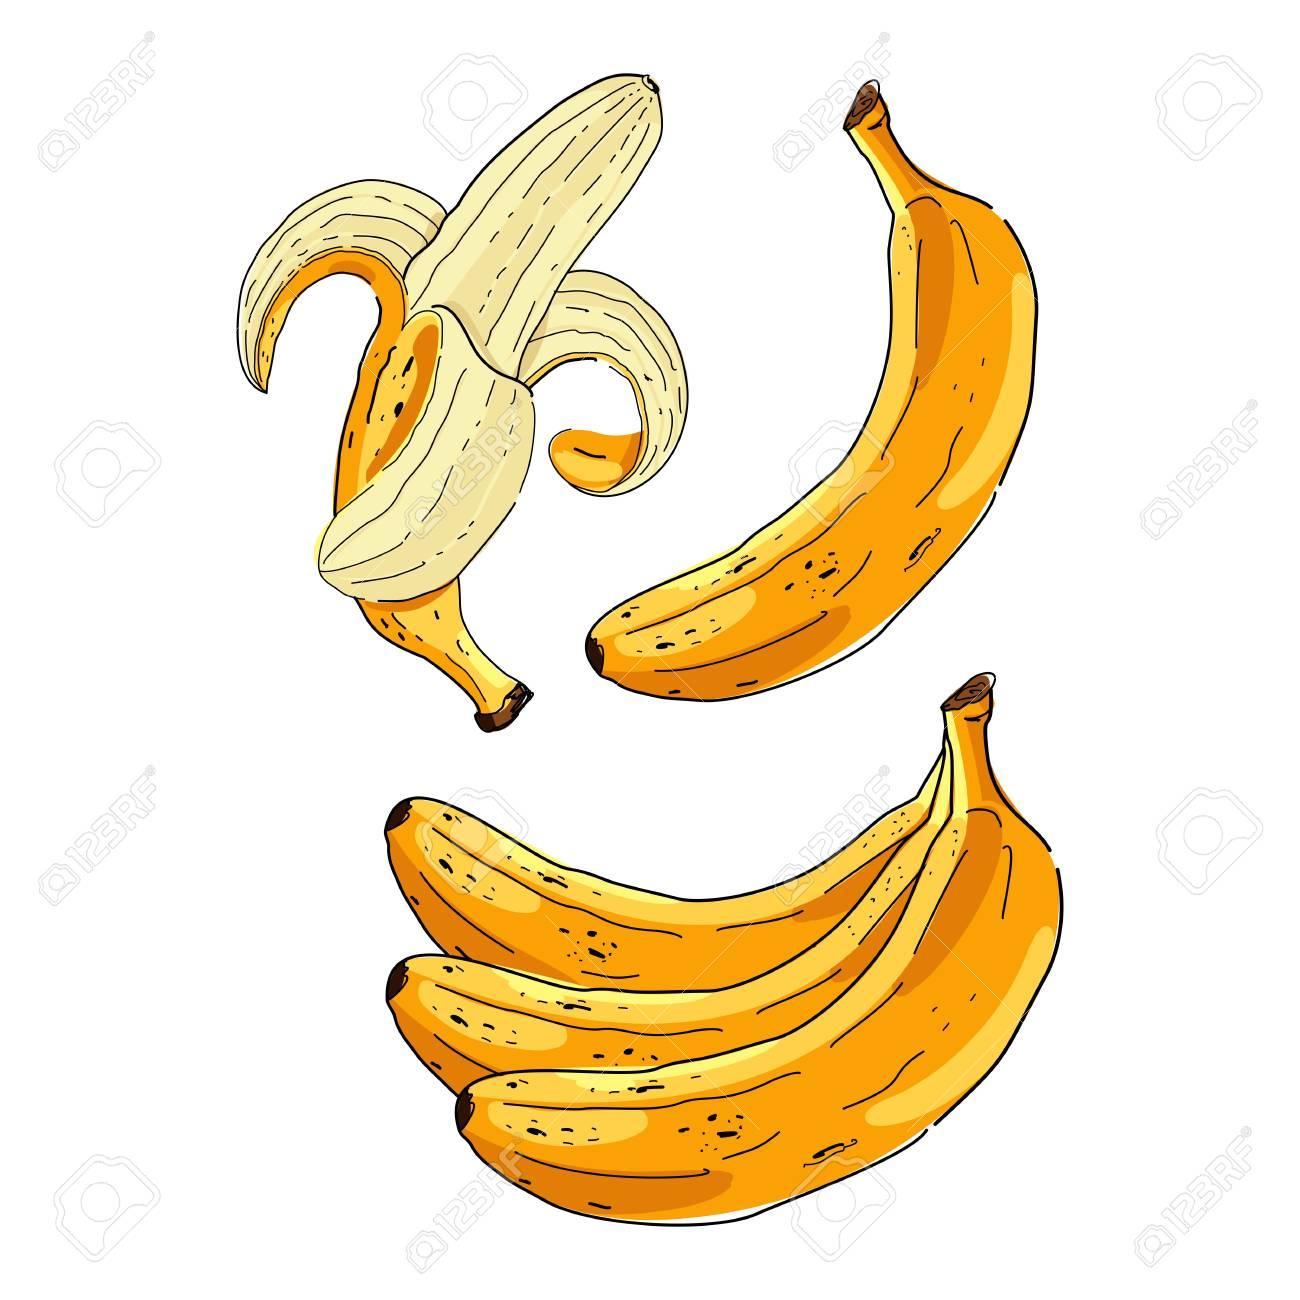 Vector Set De Dessin Animé Bananes Jaunes. Banane Trop Mûre, Banane Simple,  Banane Épluchée, Bouquet De Bananes. à Dessiner Une Banane